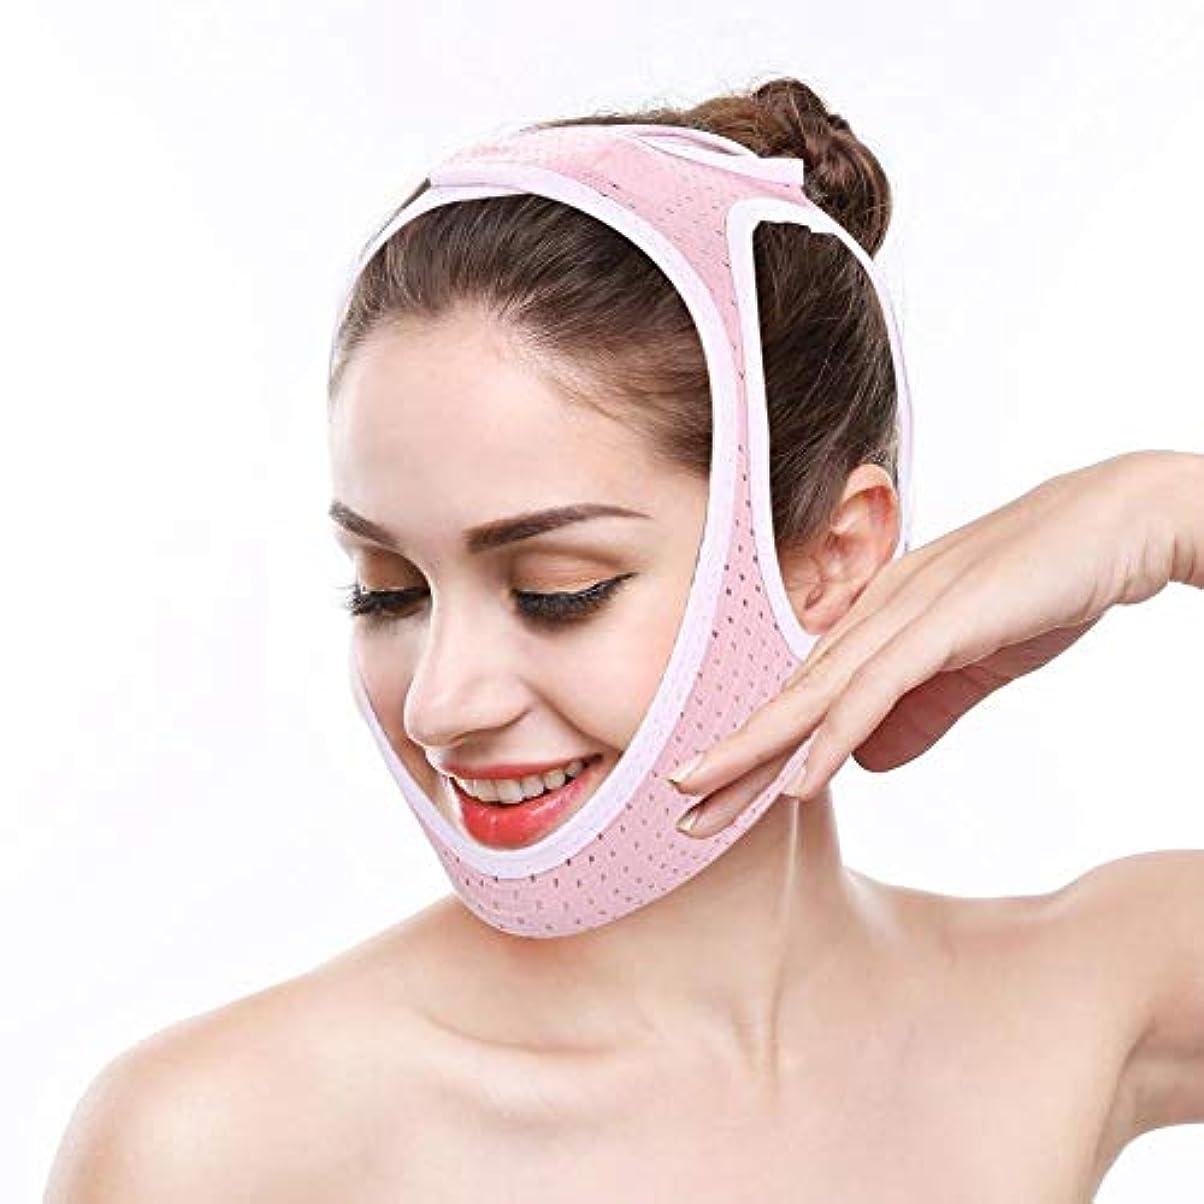 おもてなし爆風シルエット二重あごを減らすための減量用フェイスマスク、減量用フェイスマスク(L)